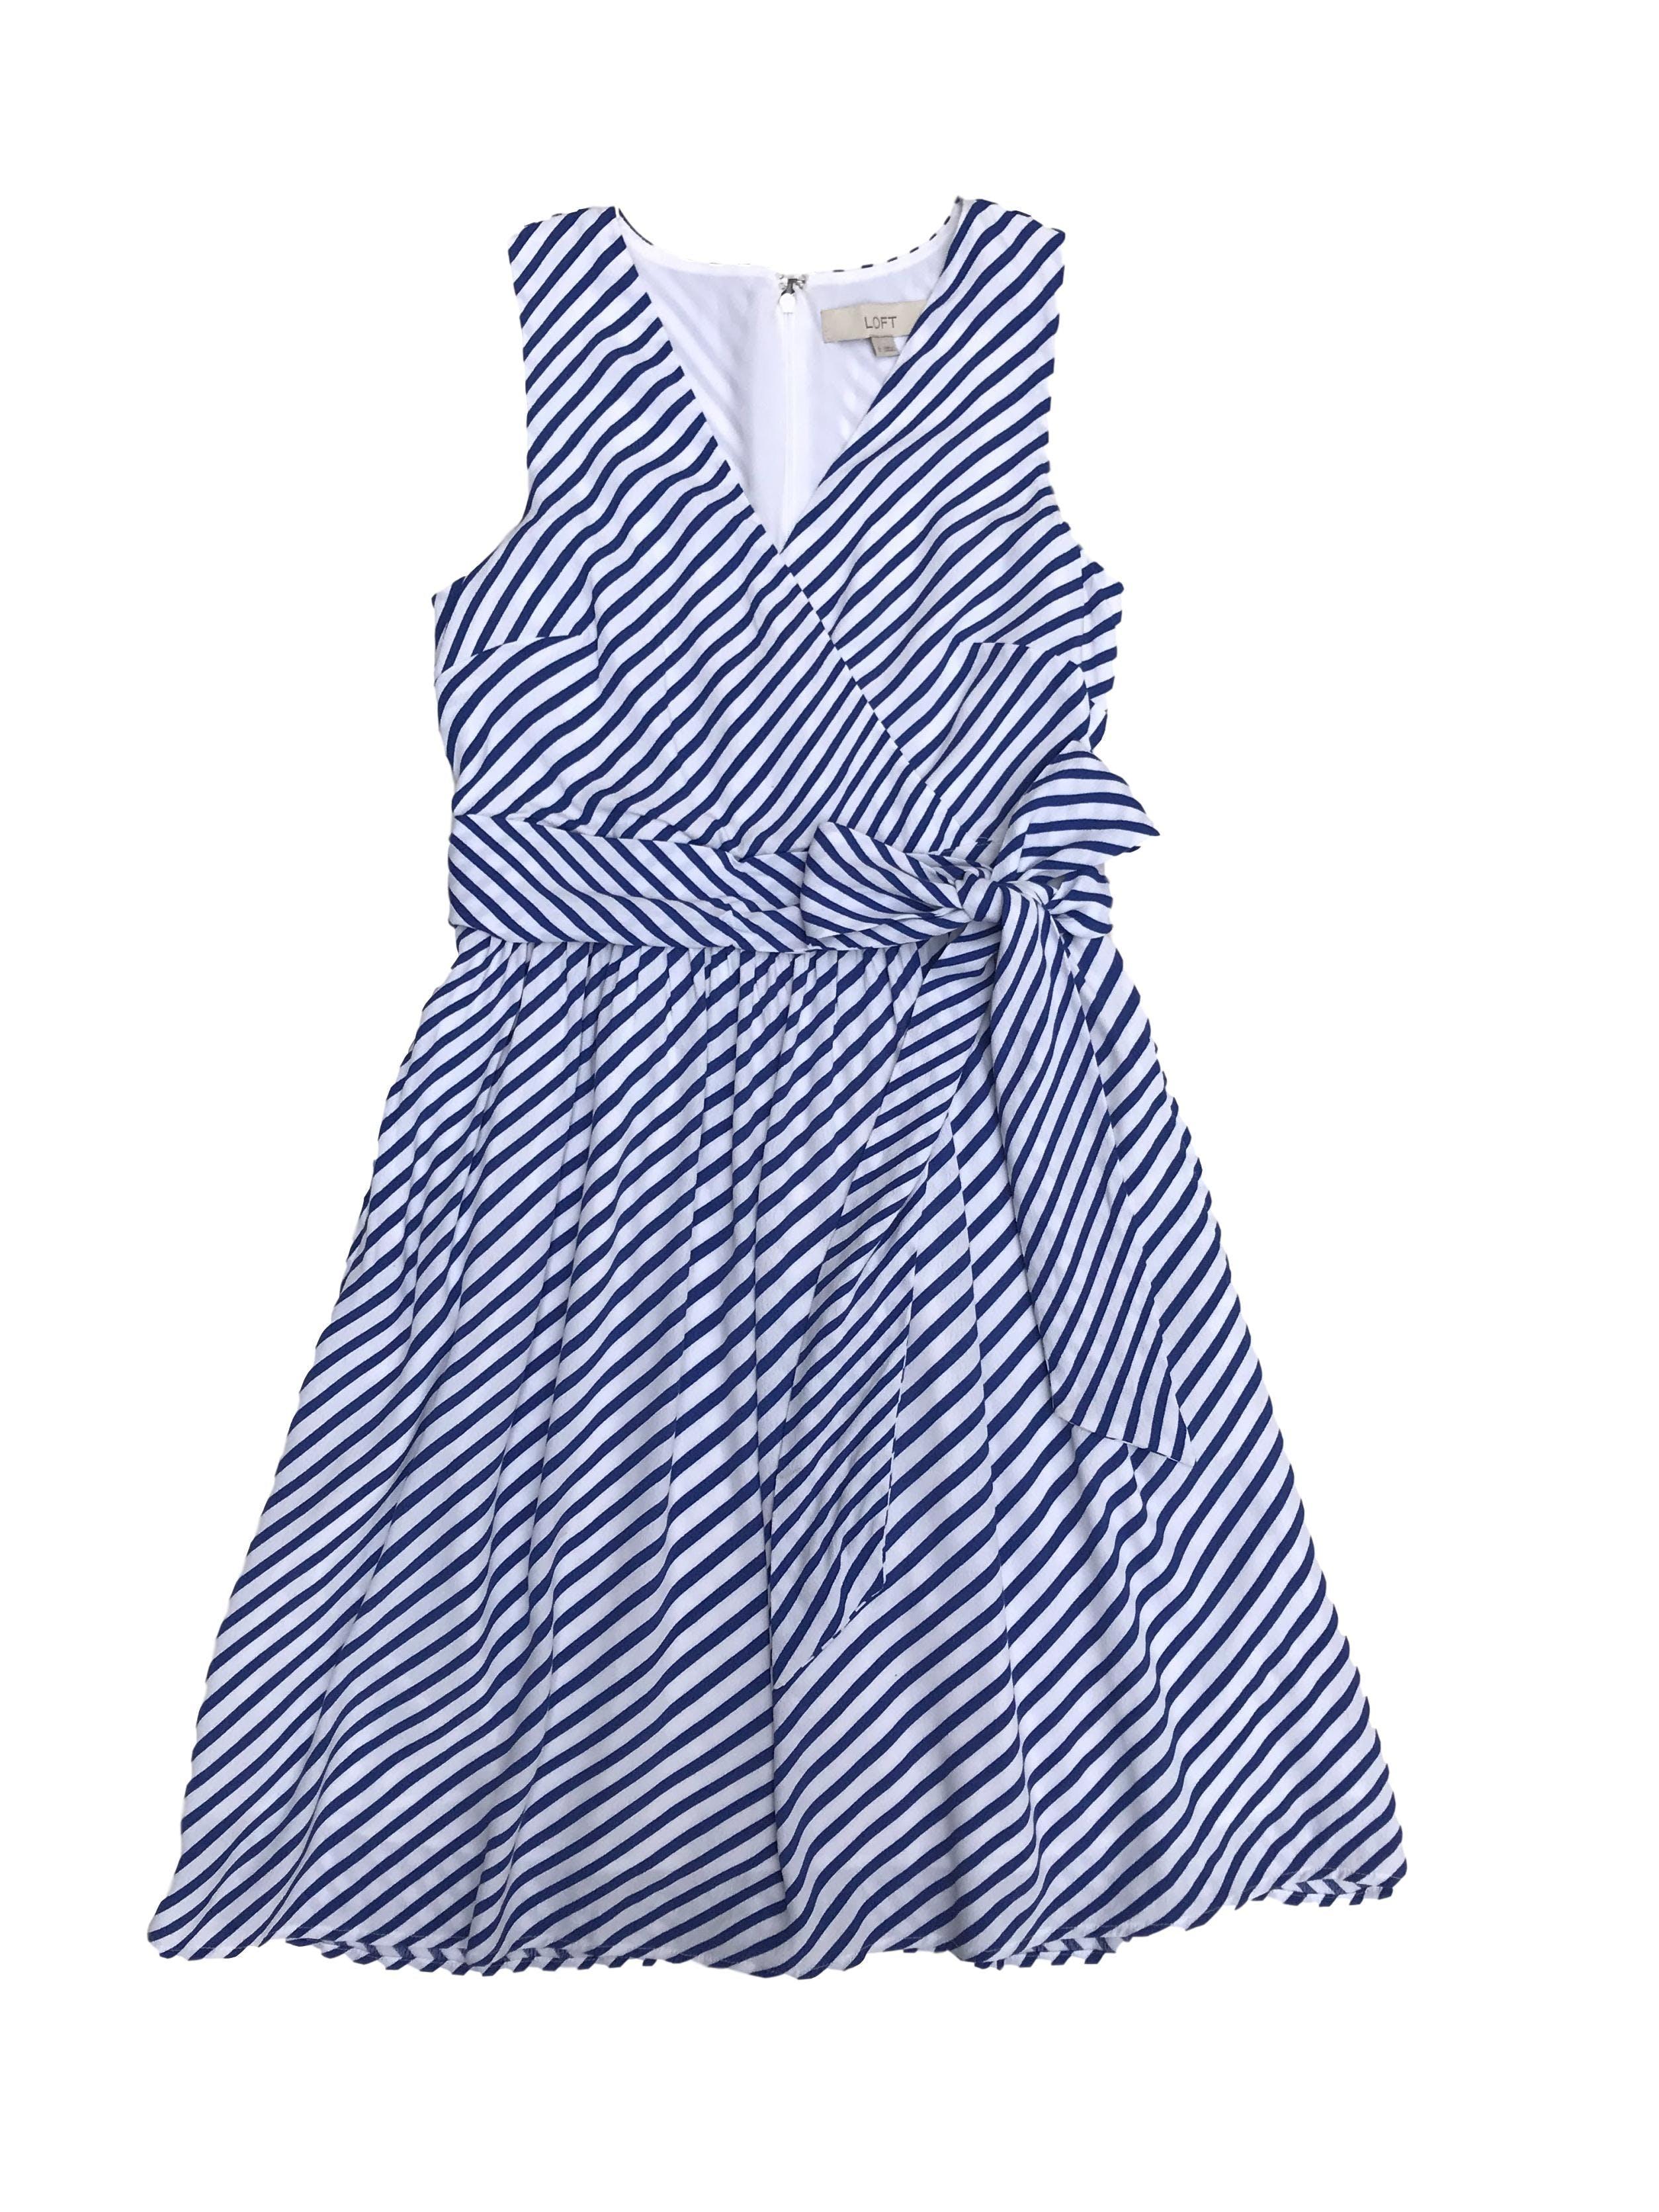 Vestido Loft de crepé blanco con líneas azules, forrado, cierre en la espalda, escote cruzado y falda con bolsillos. Busto 90cm Cintura 70cm Largo 90cm. Precio original S/ 350